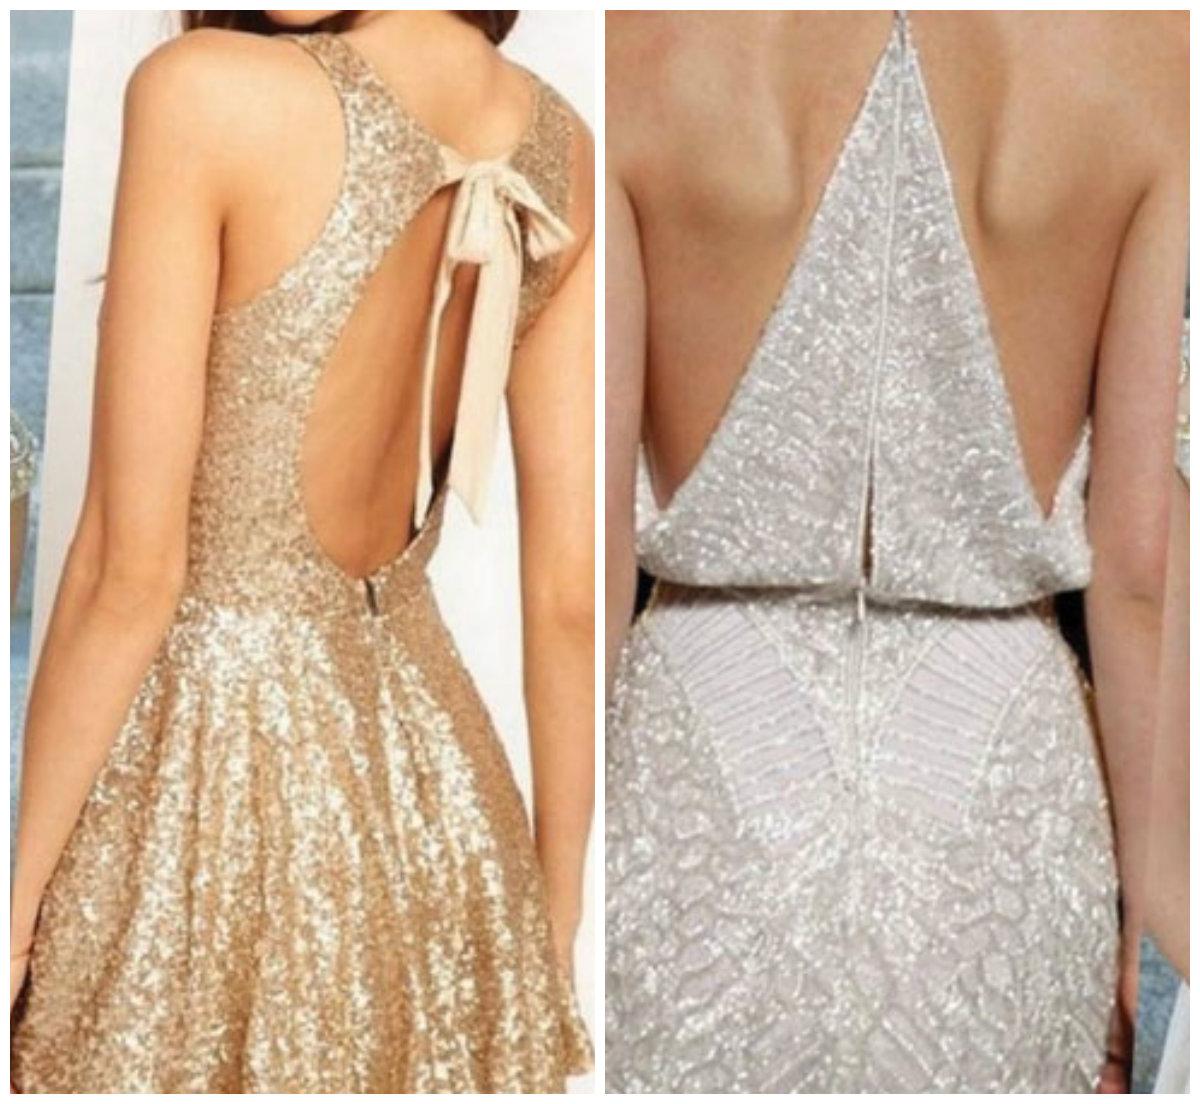 Платья-на-Новый-Год-2019-платья-для-девочек-на-Новый-год-платья-на-Новый-год-фото-Вырез-на-спине